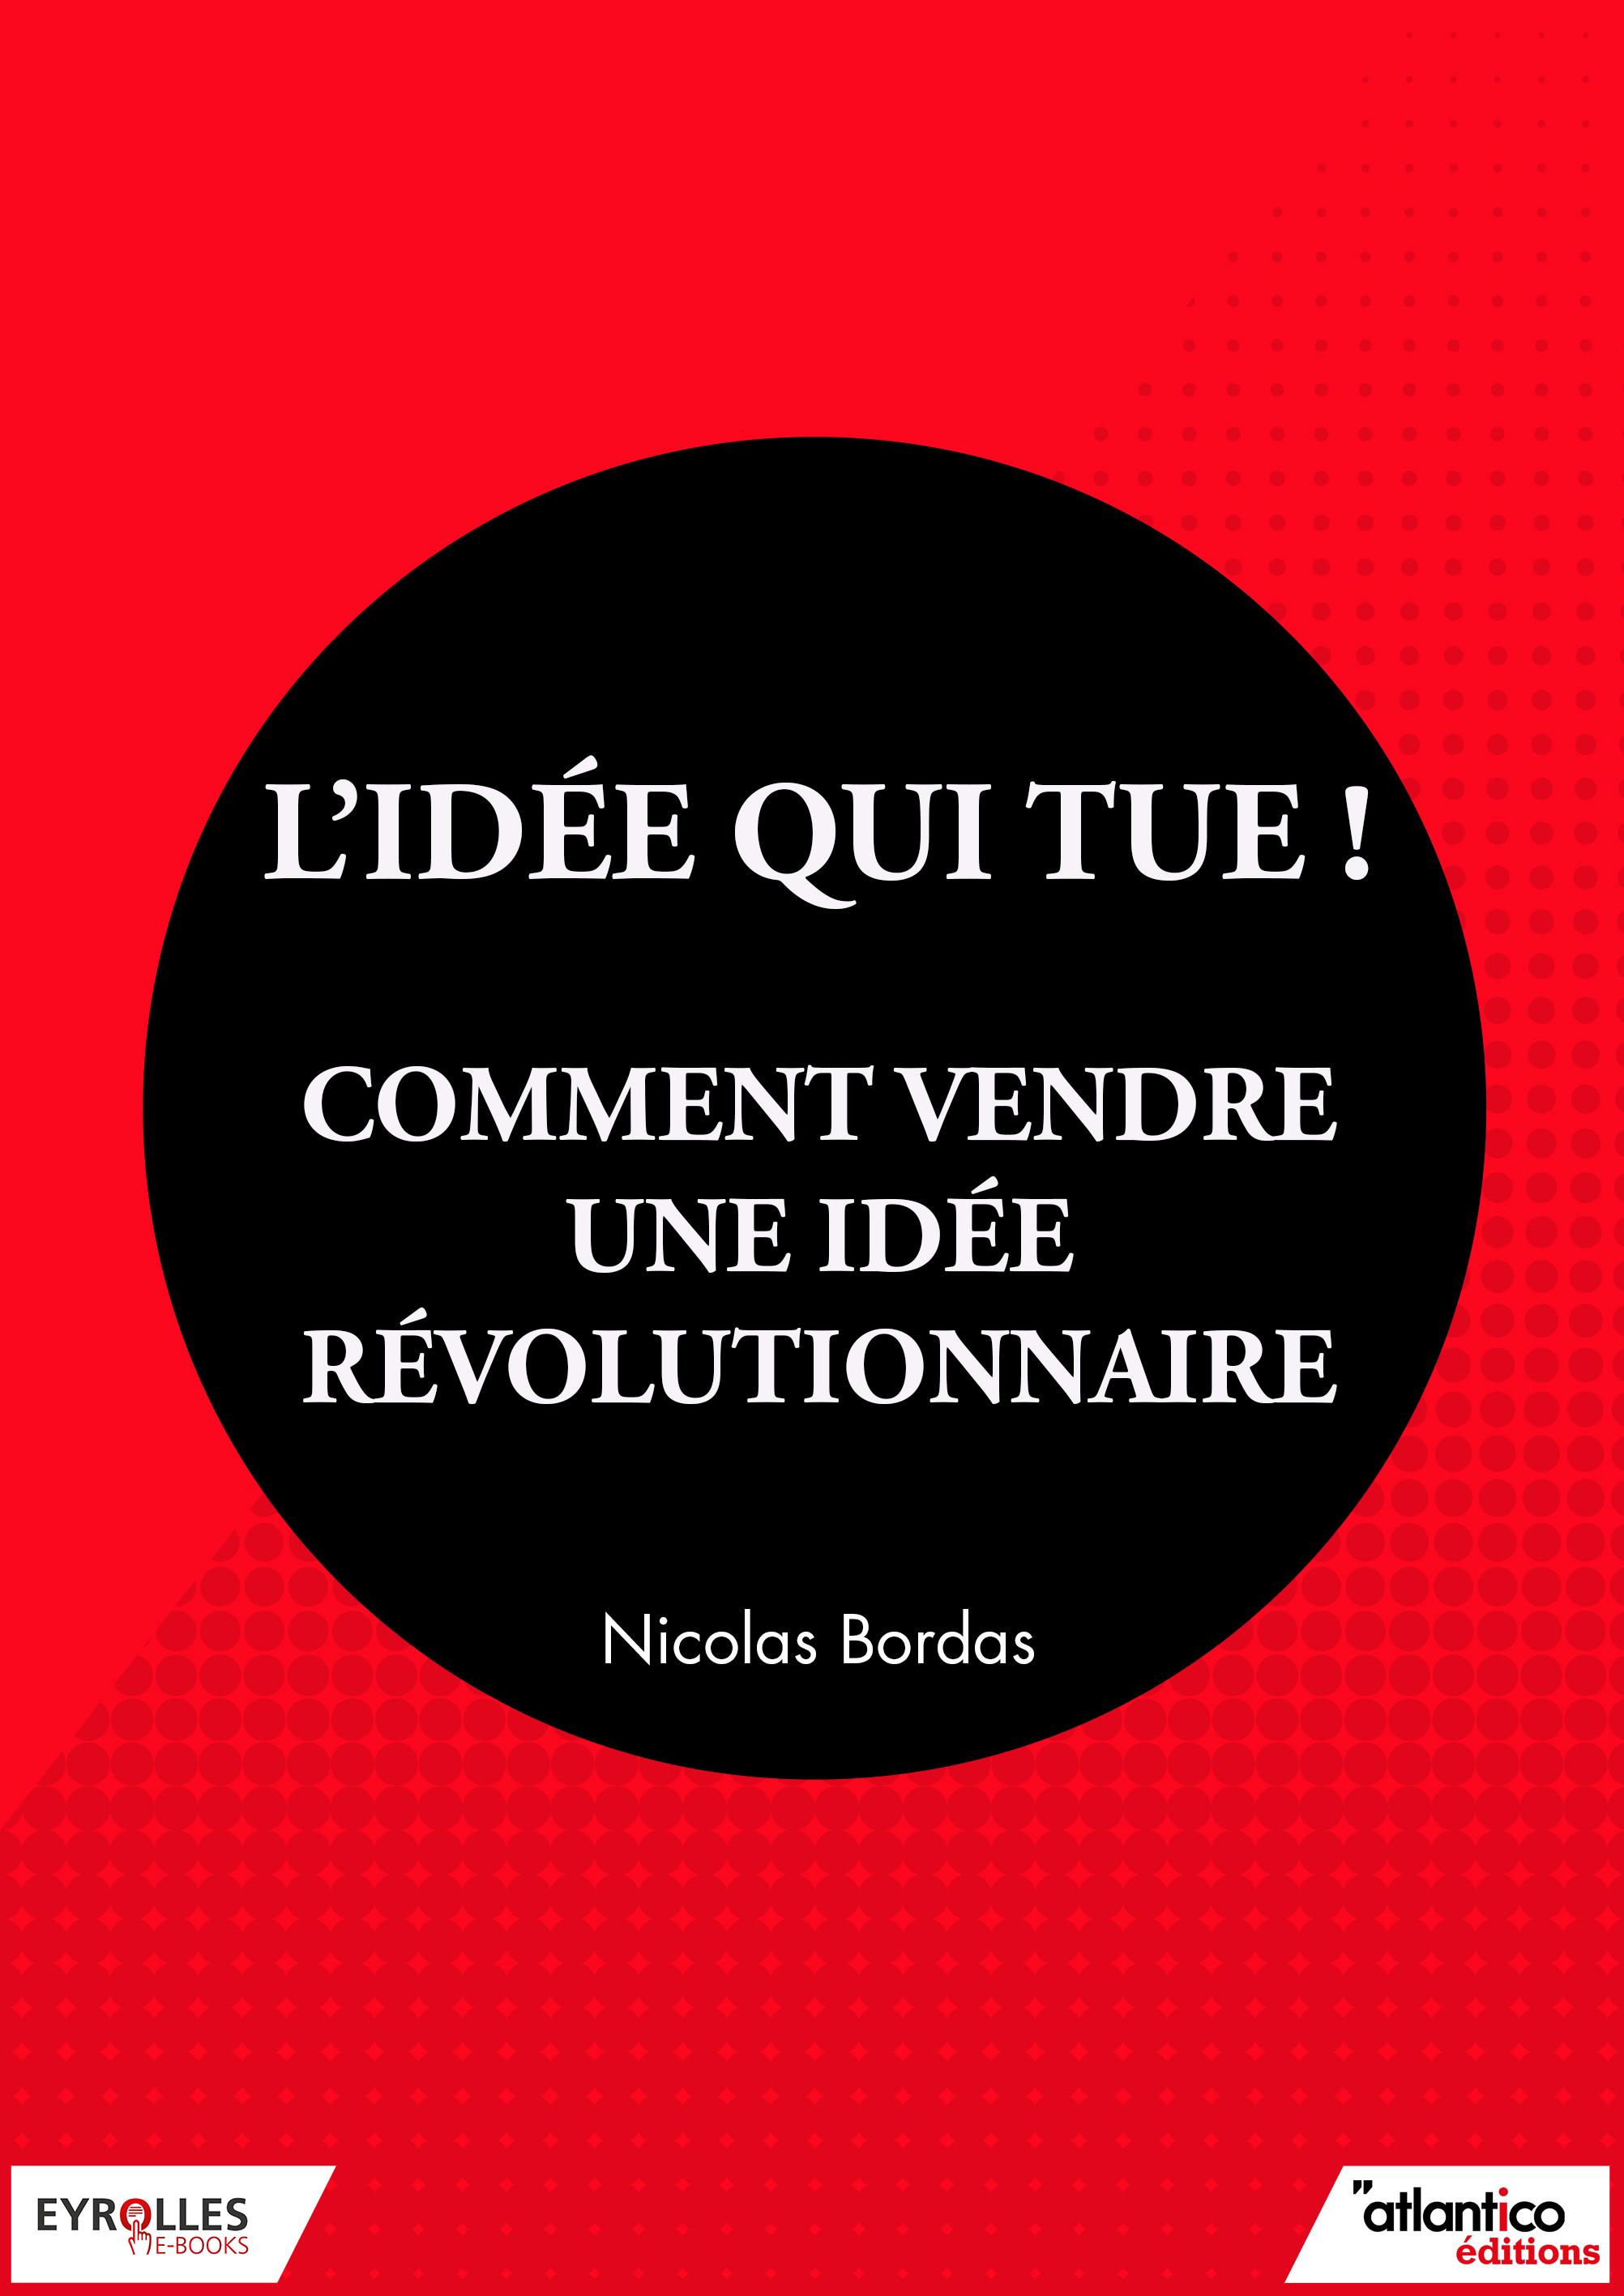 Ebook L'idée qui tue ! - Comment vendre une idée révolutionnaire - Comment vendre une idée ...